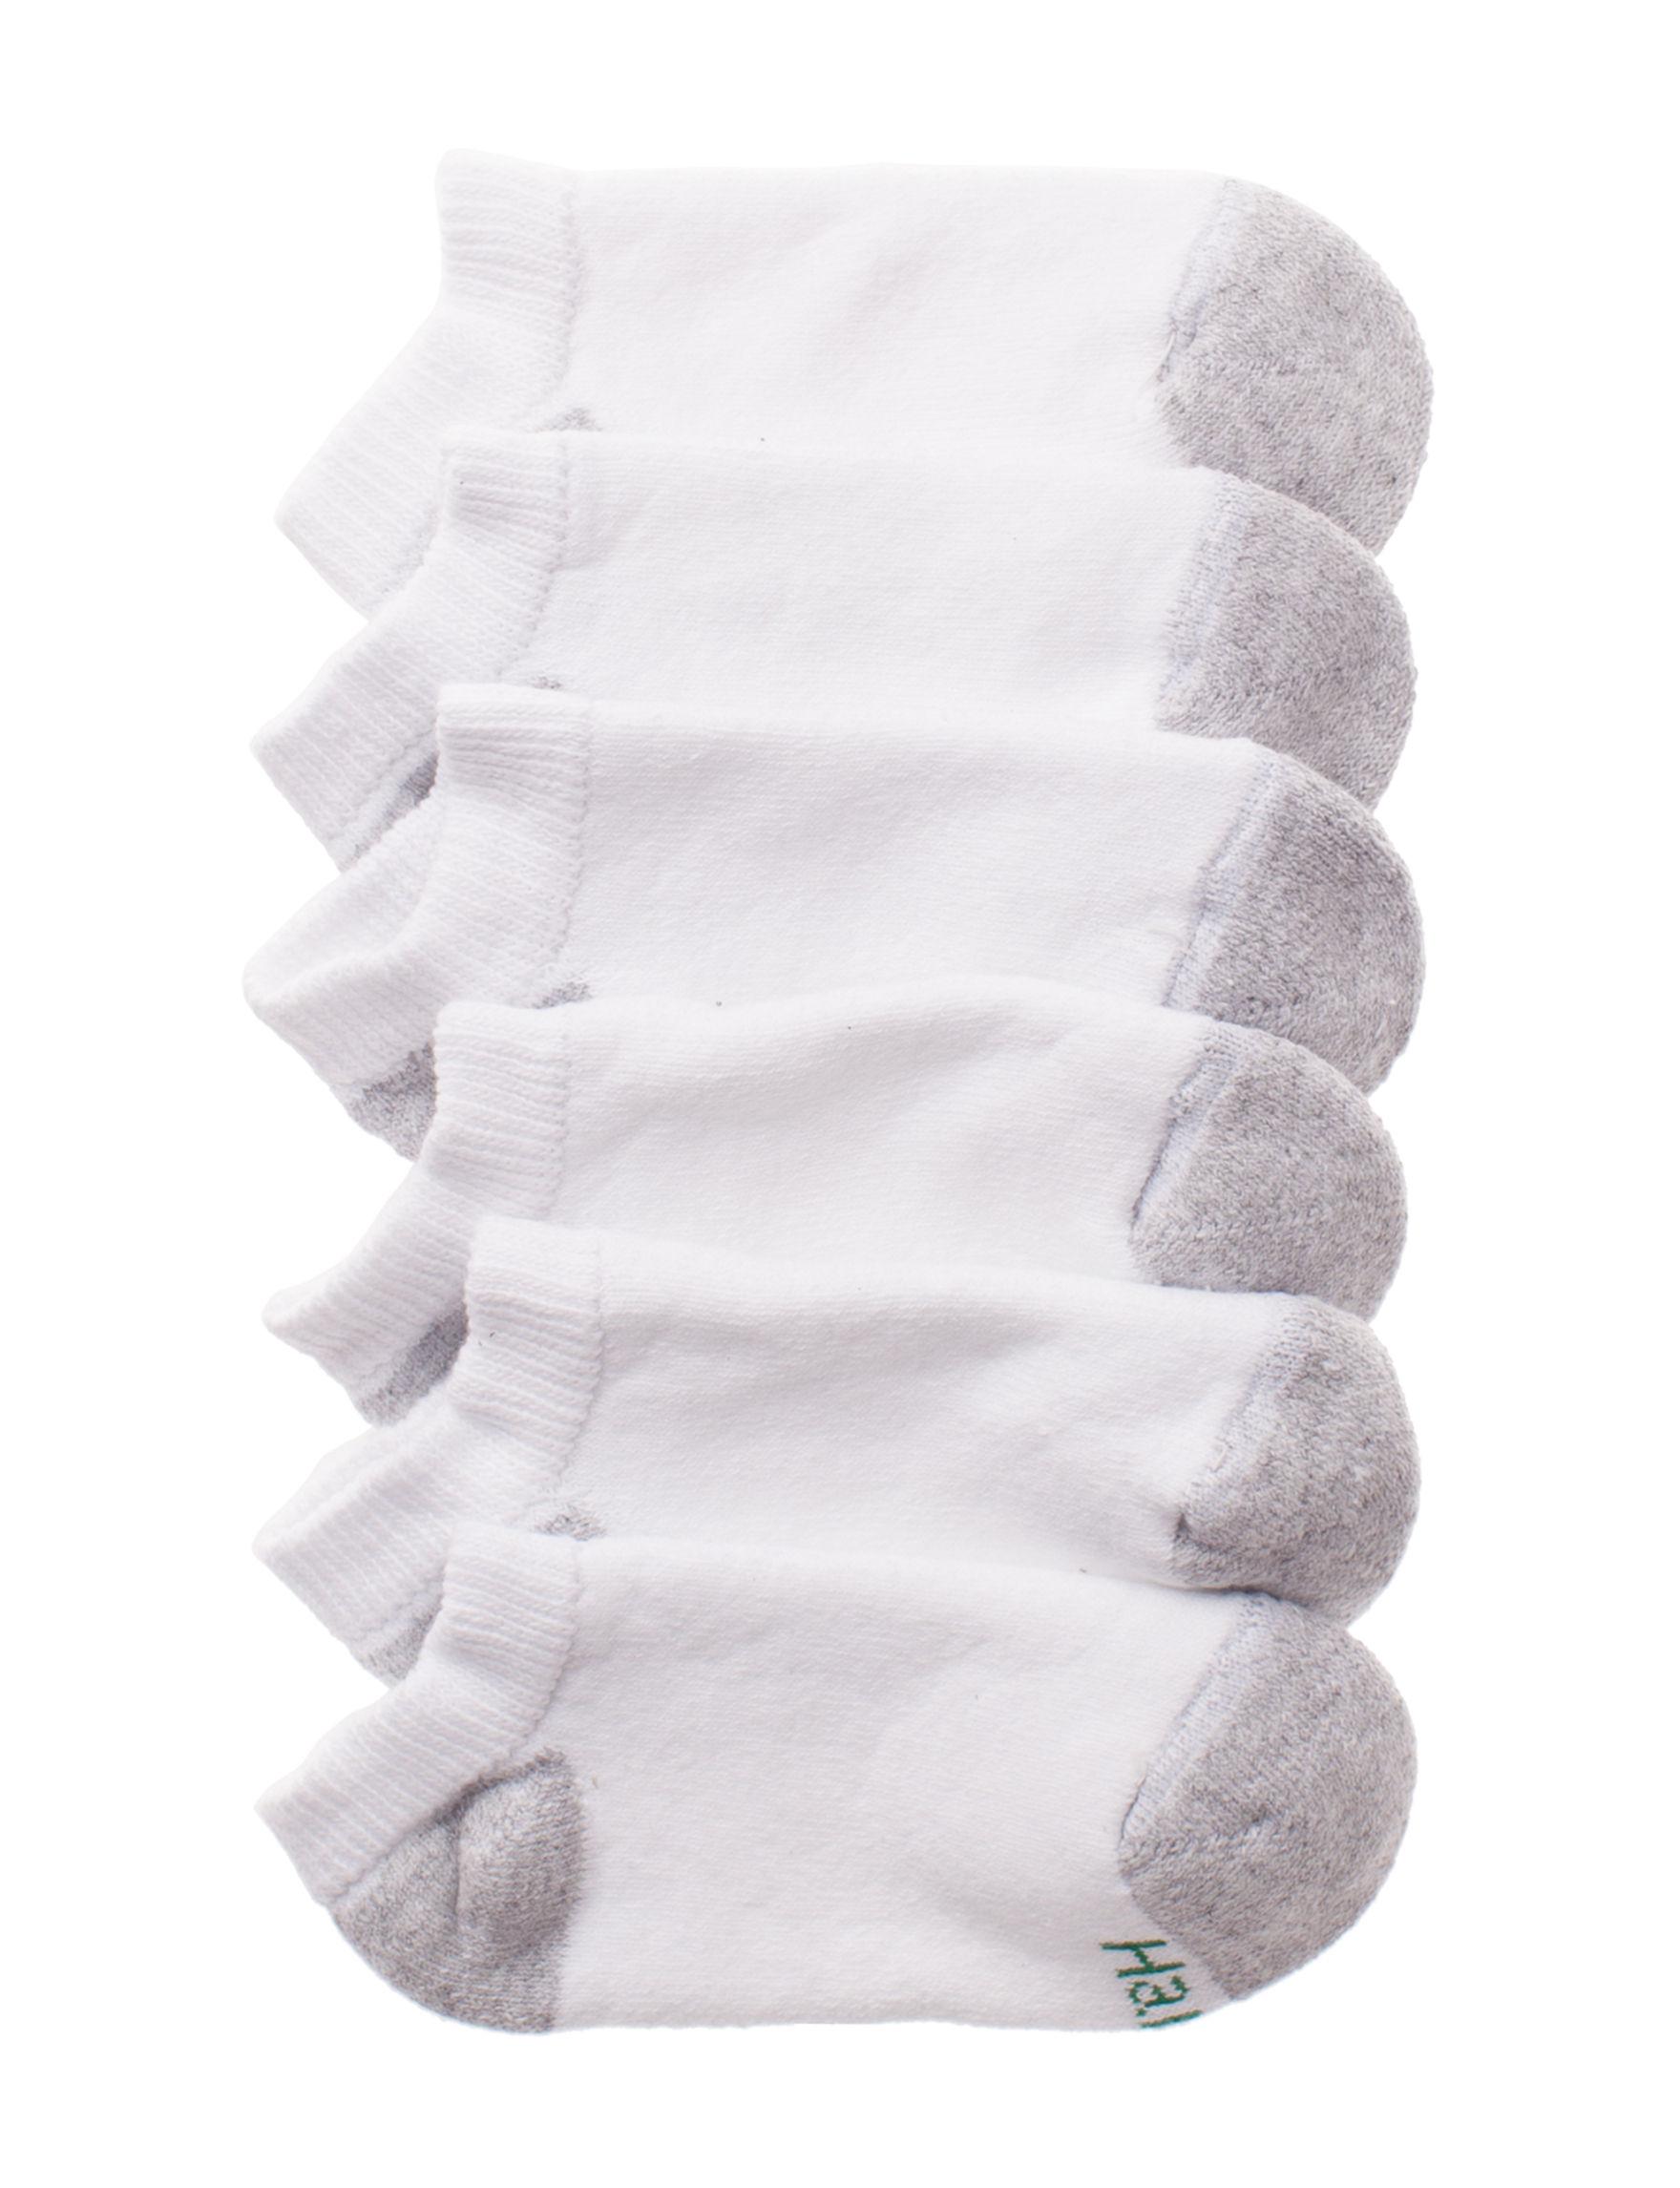 Hanes White Socks